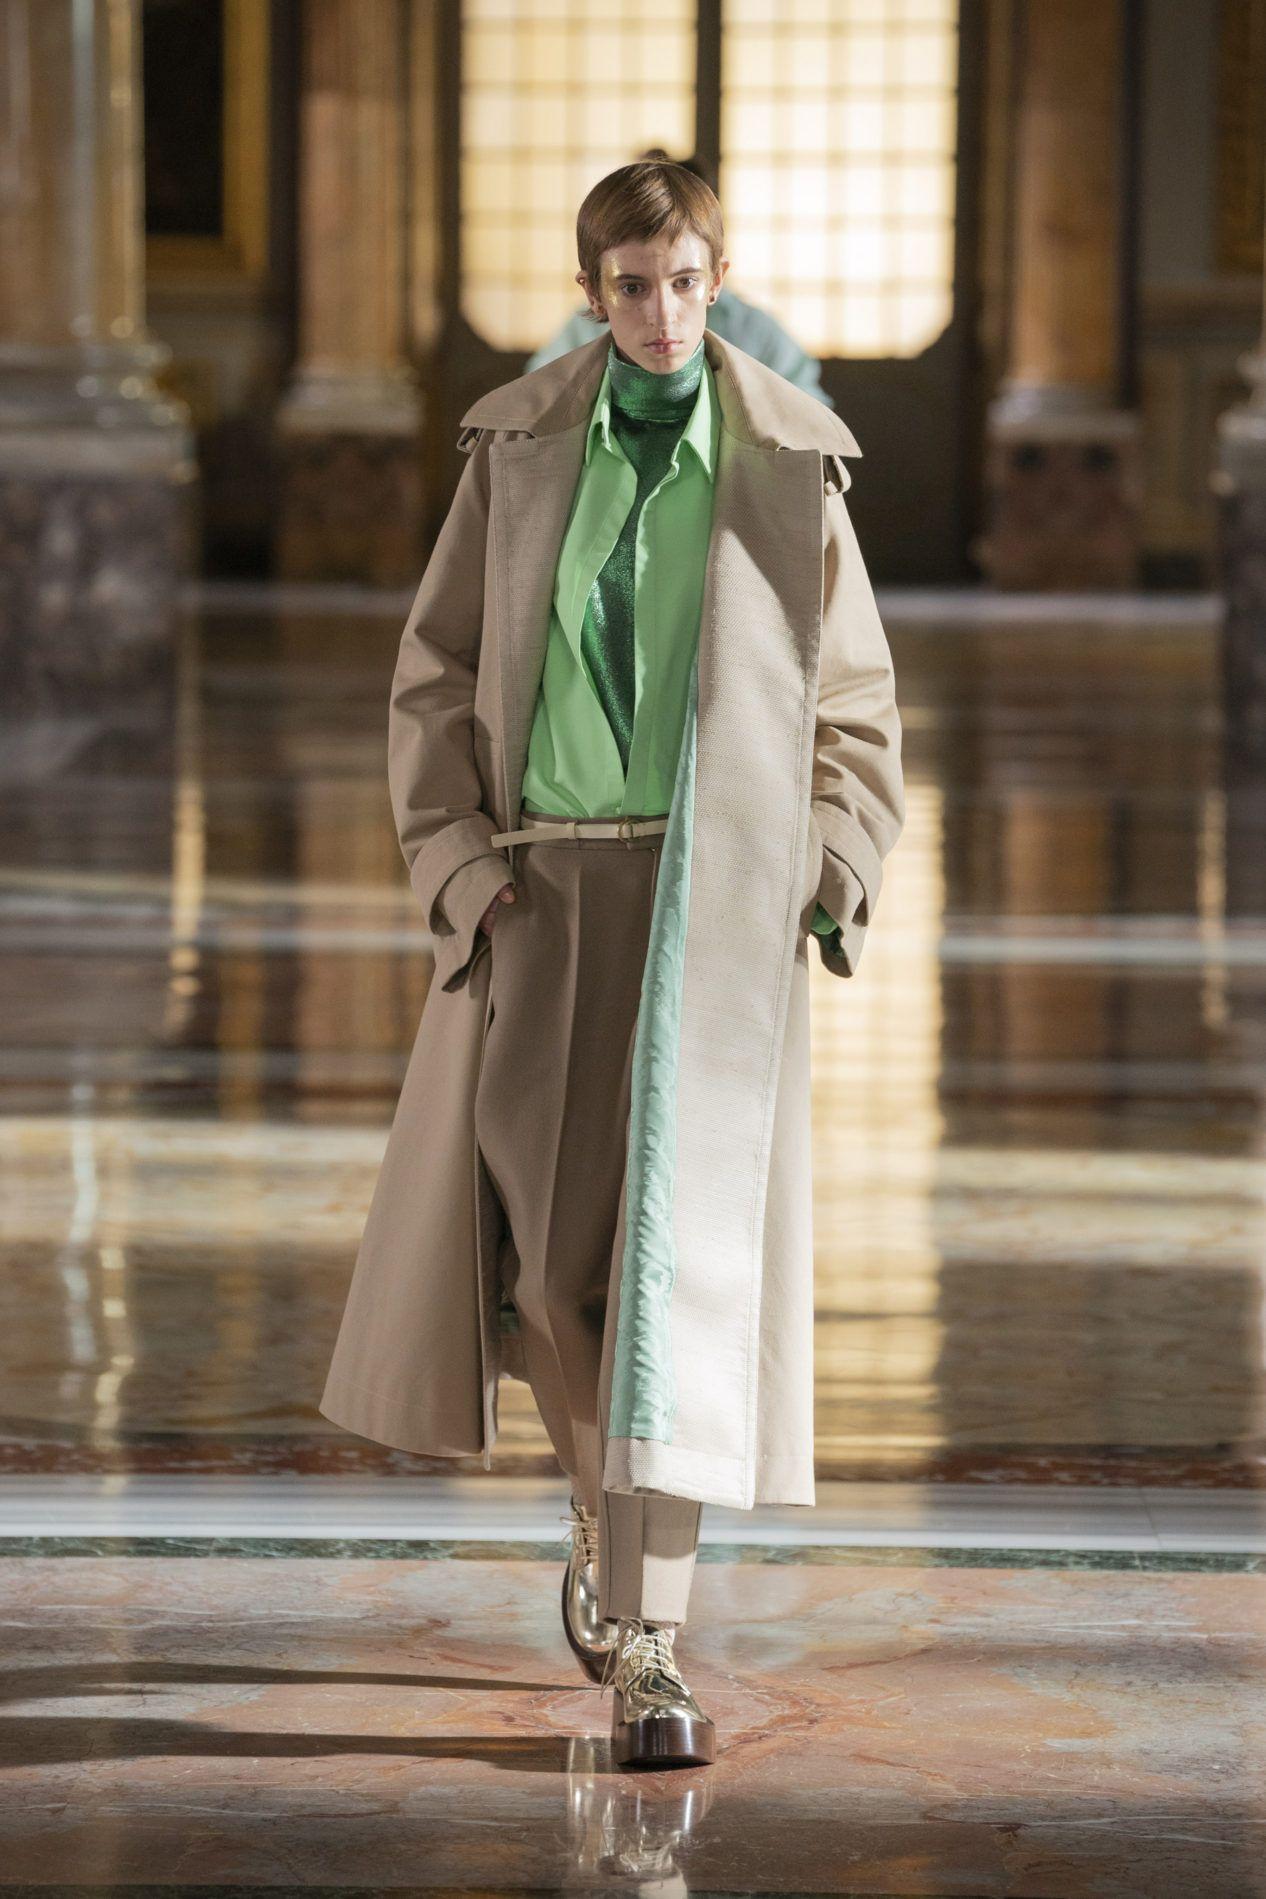 Pin de Linda🌸 em Rosie HW | Looks, Moda de alta custura, Moda